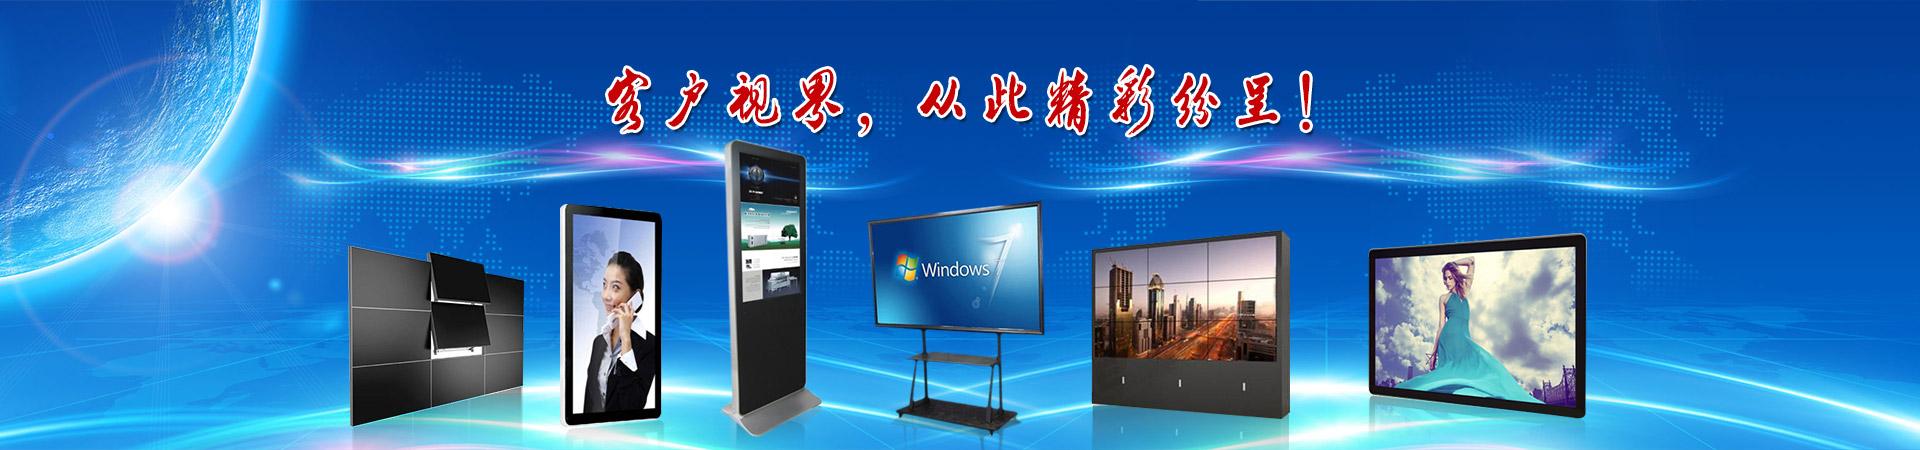 河南九晟光电显示技术有限公司